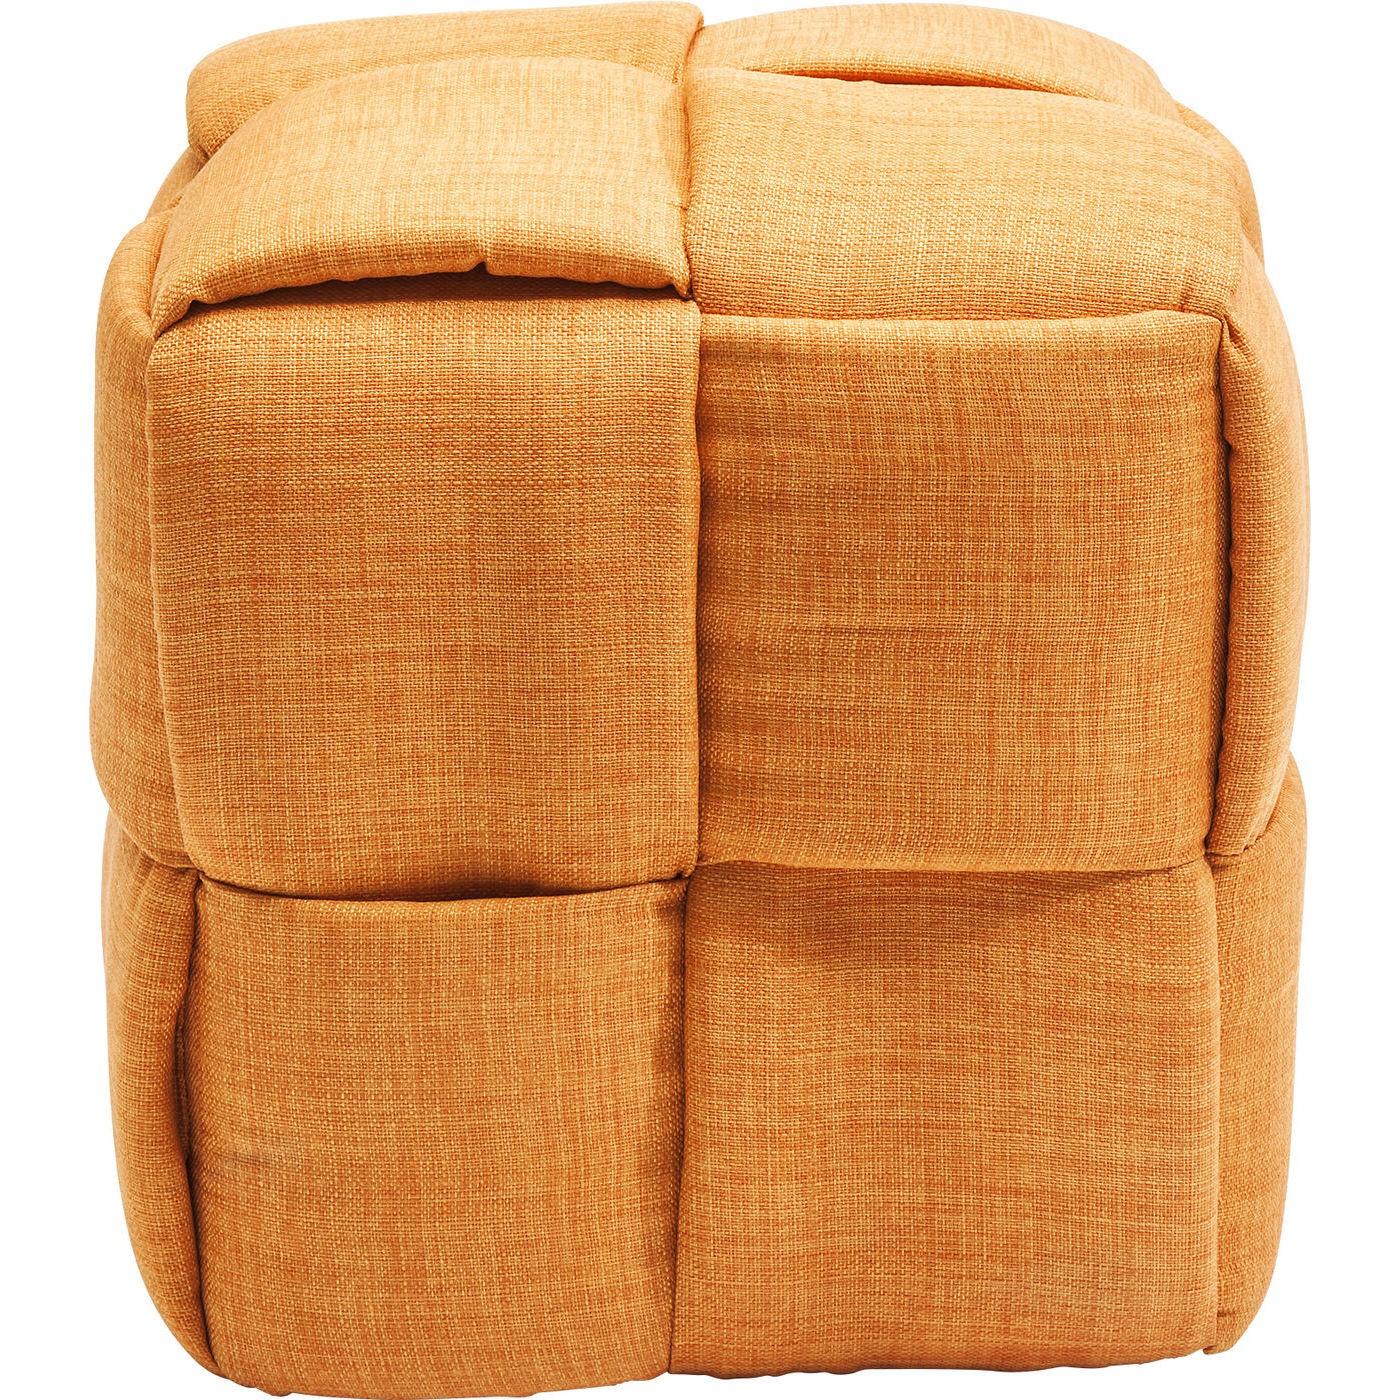 kare design – Puf woven orange fra boboonline.dk